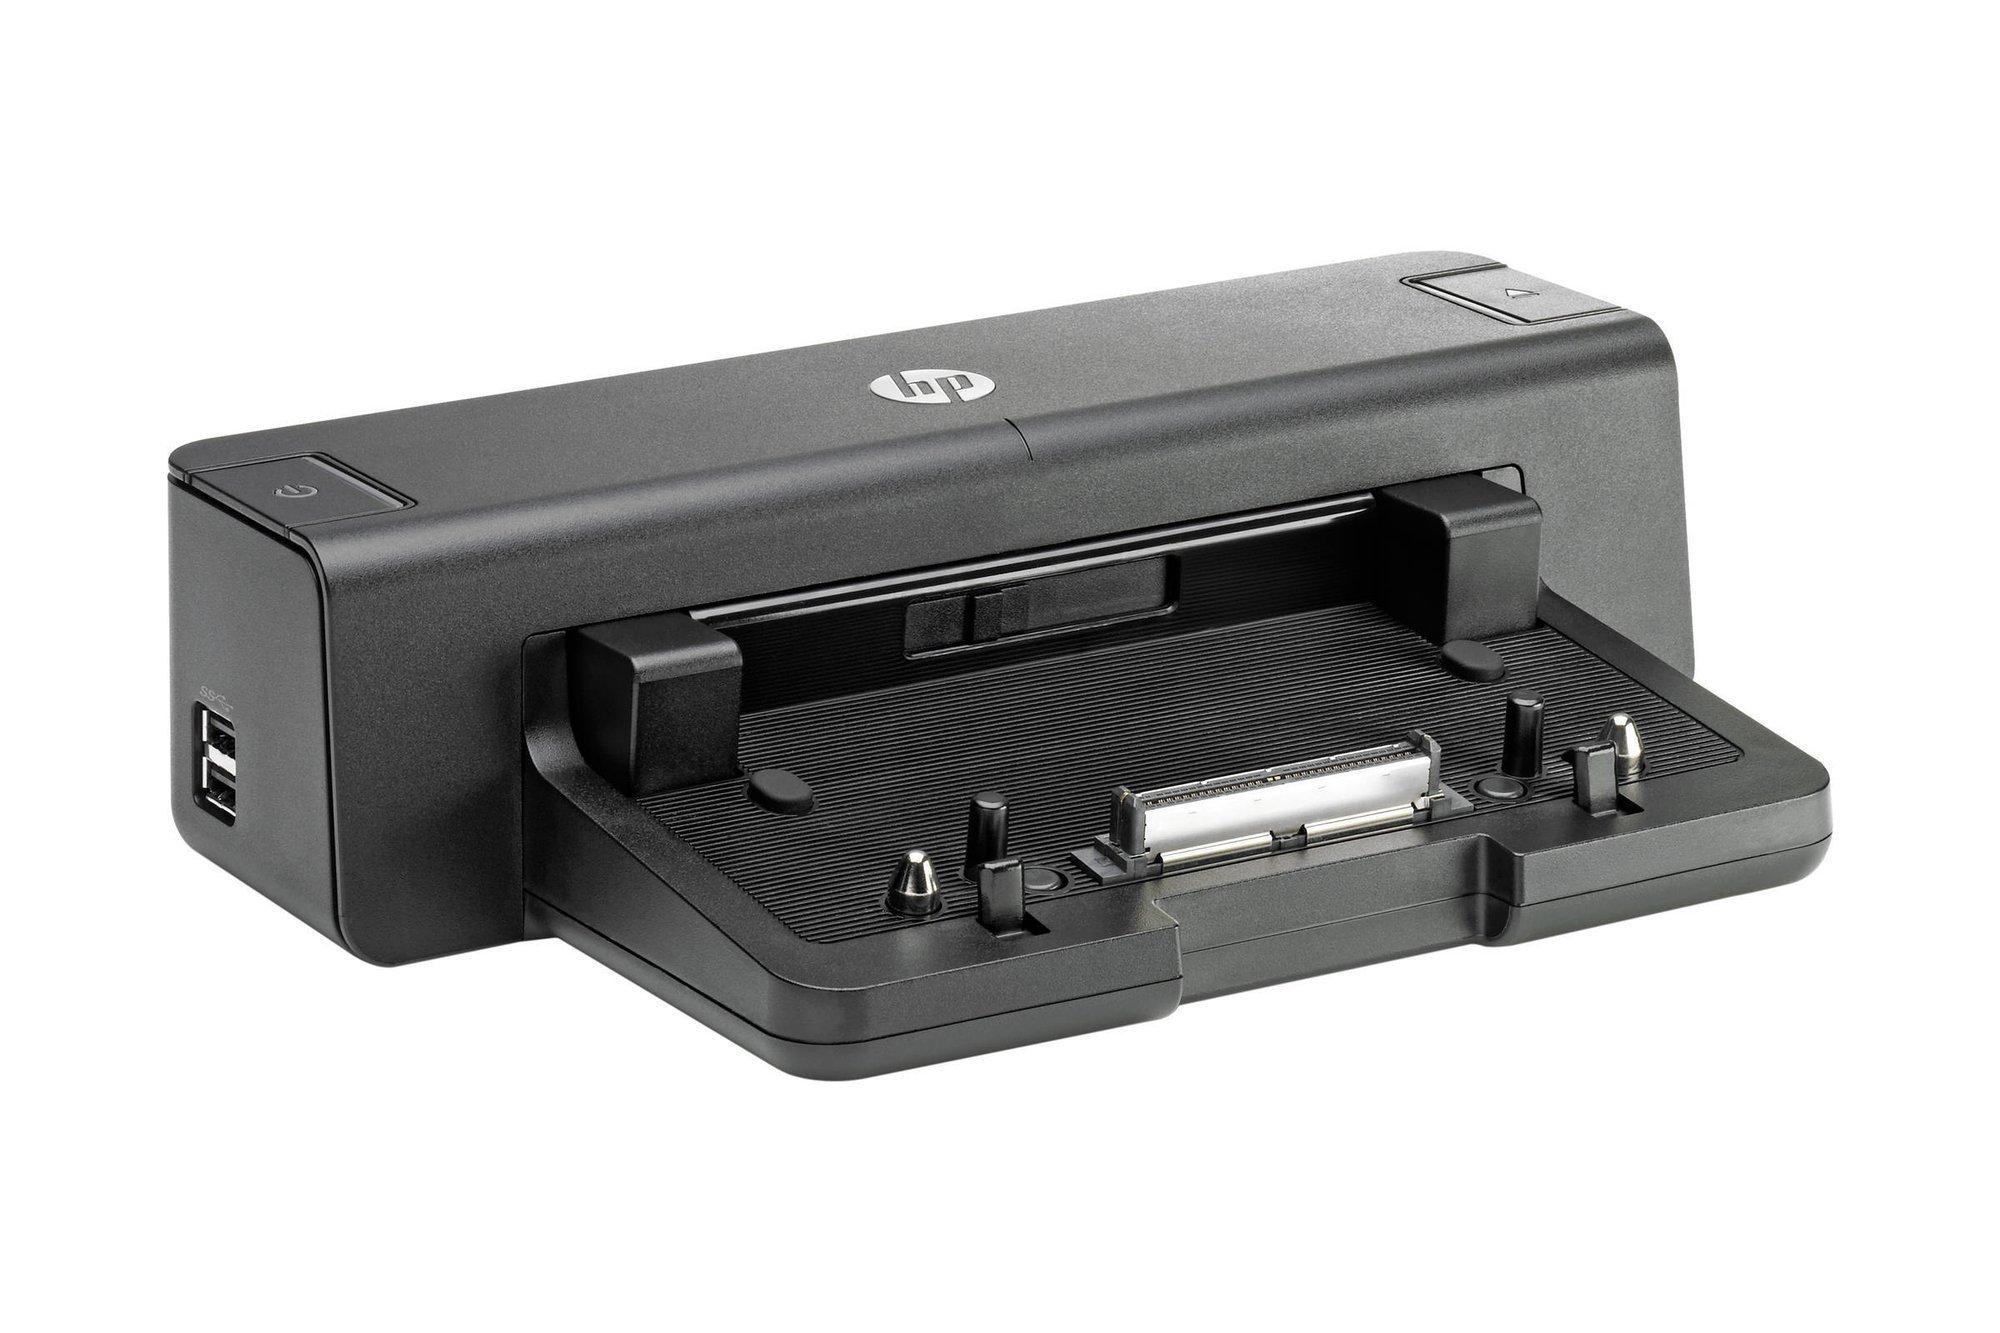 HP 2012 90W Dockingstation A7E32AA DisplayPort USB DVI Port-Replikator